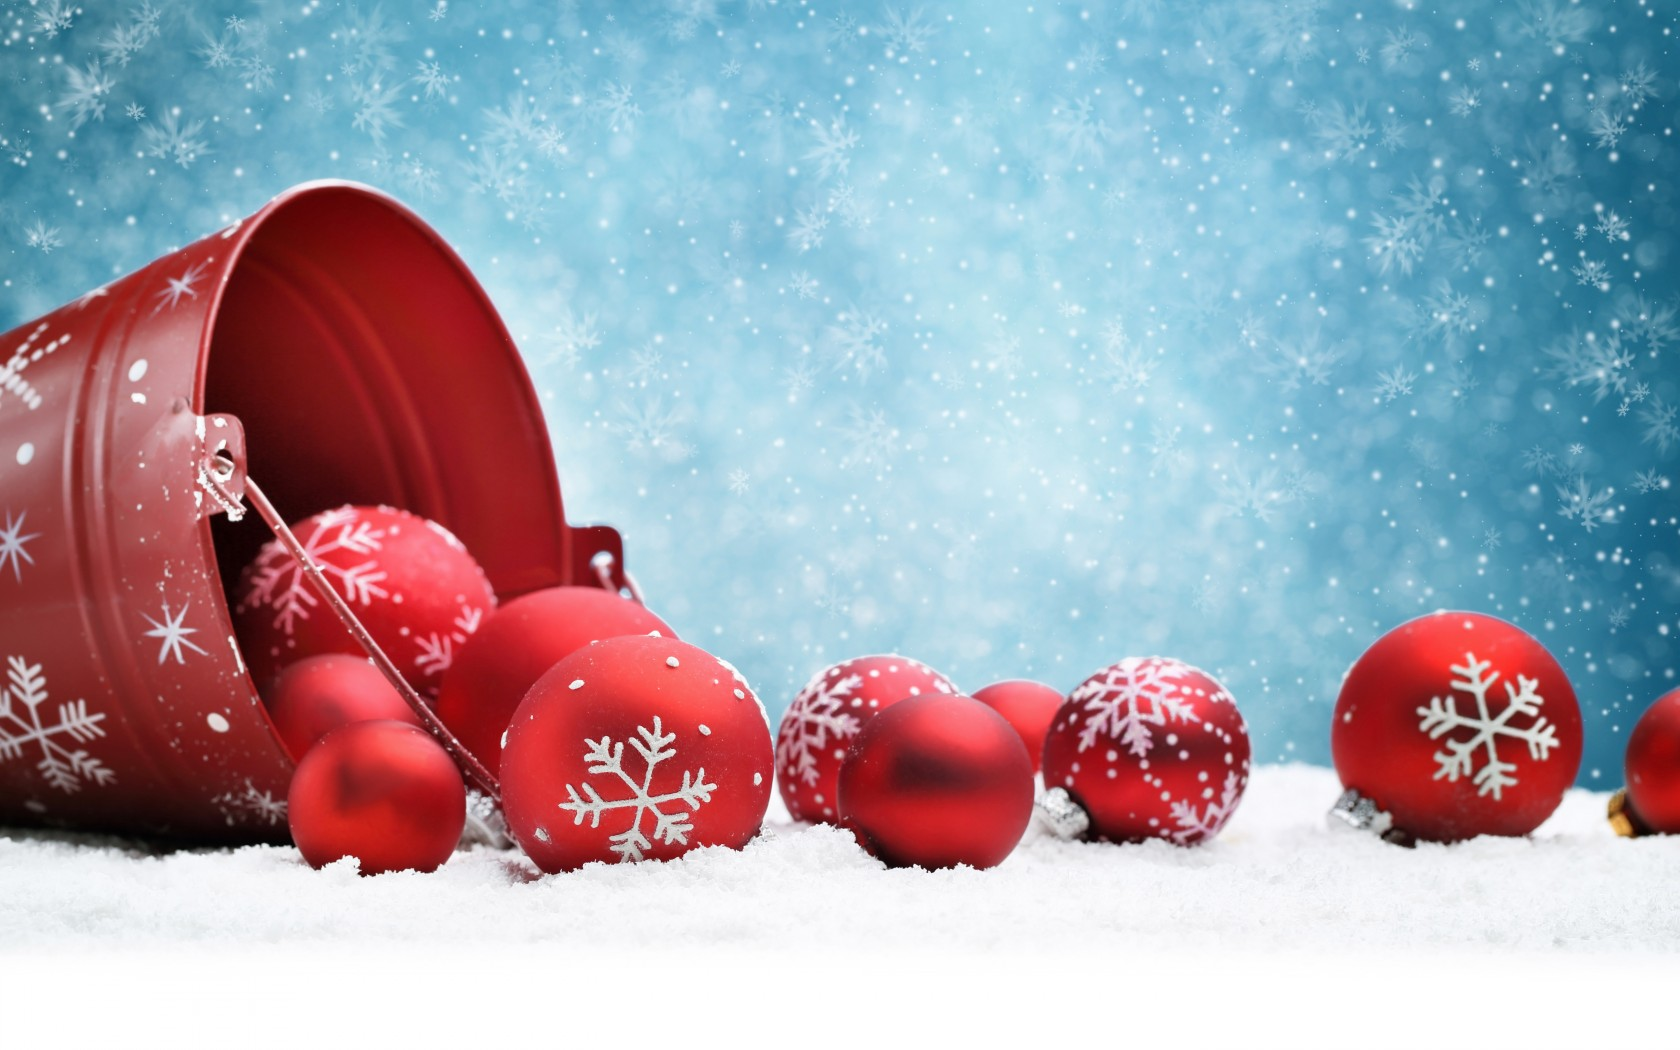 2015年圣诞节创意设计素材ppt背景图片下载